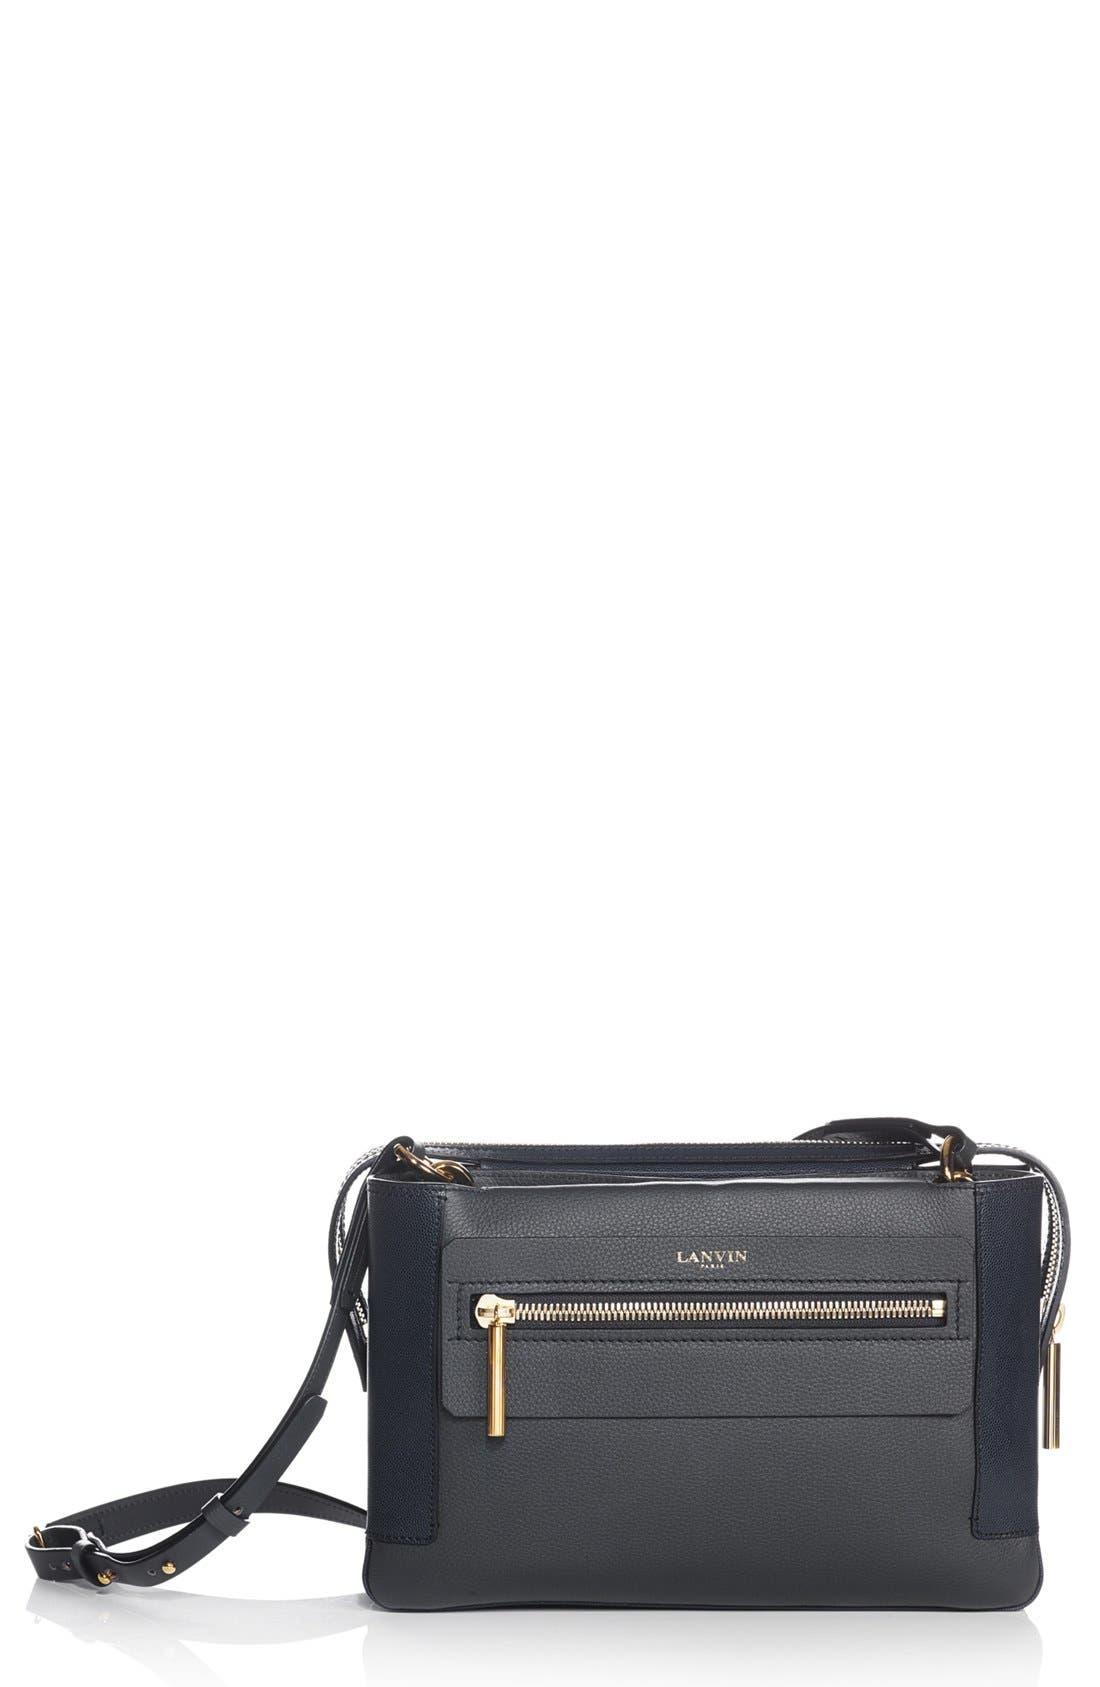 Main Image - Lanvin 'Piaf' Shoulder Bag